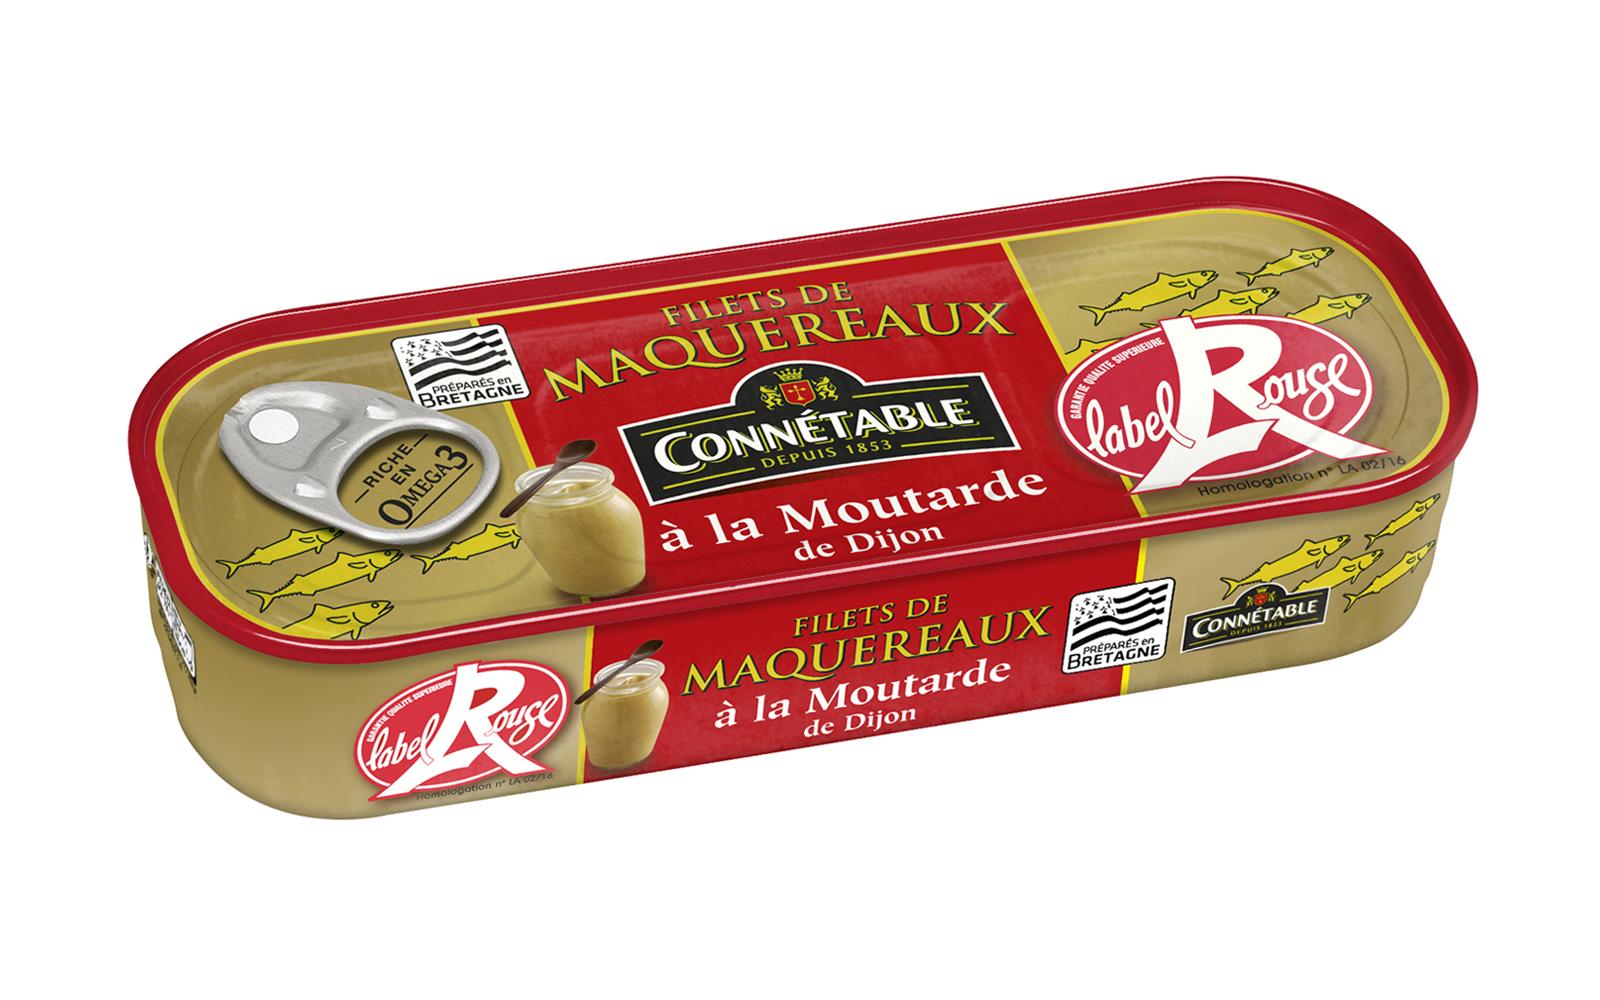 Photo boîte de Filets de Maquereaux à la moutarde